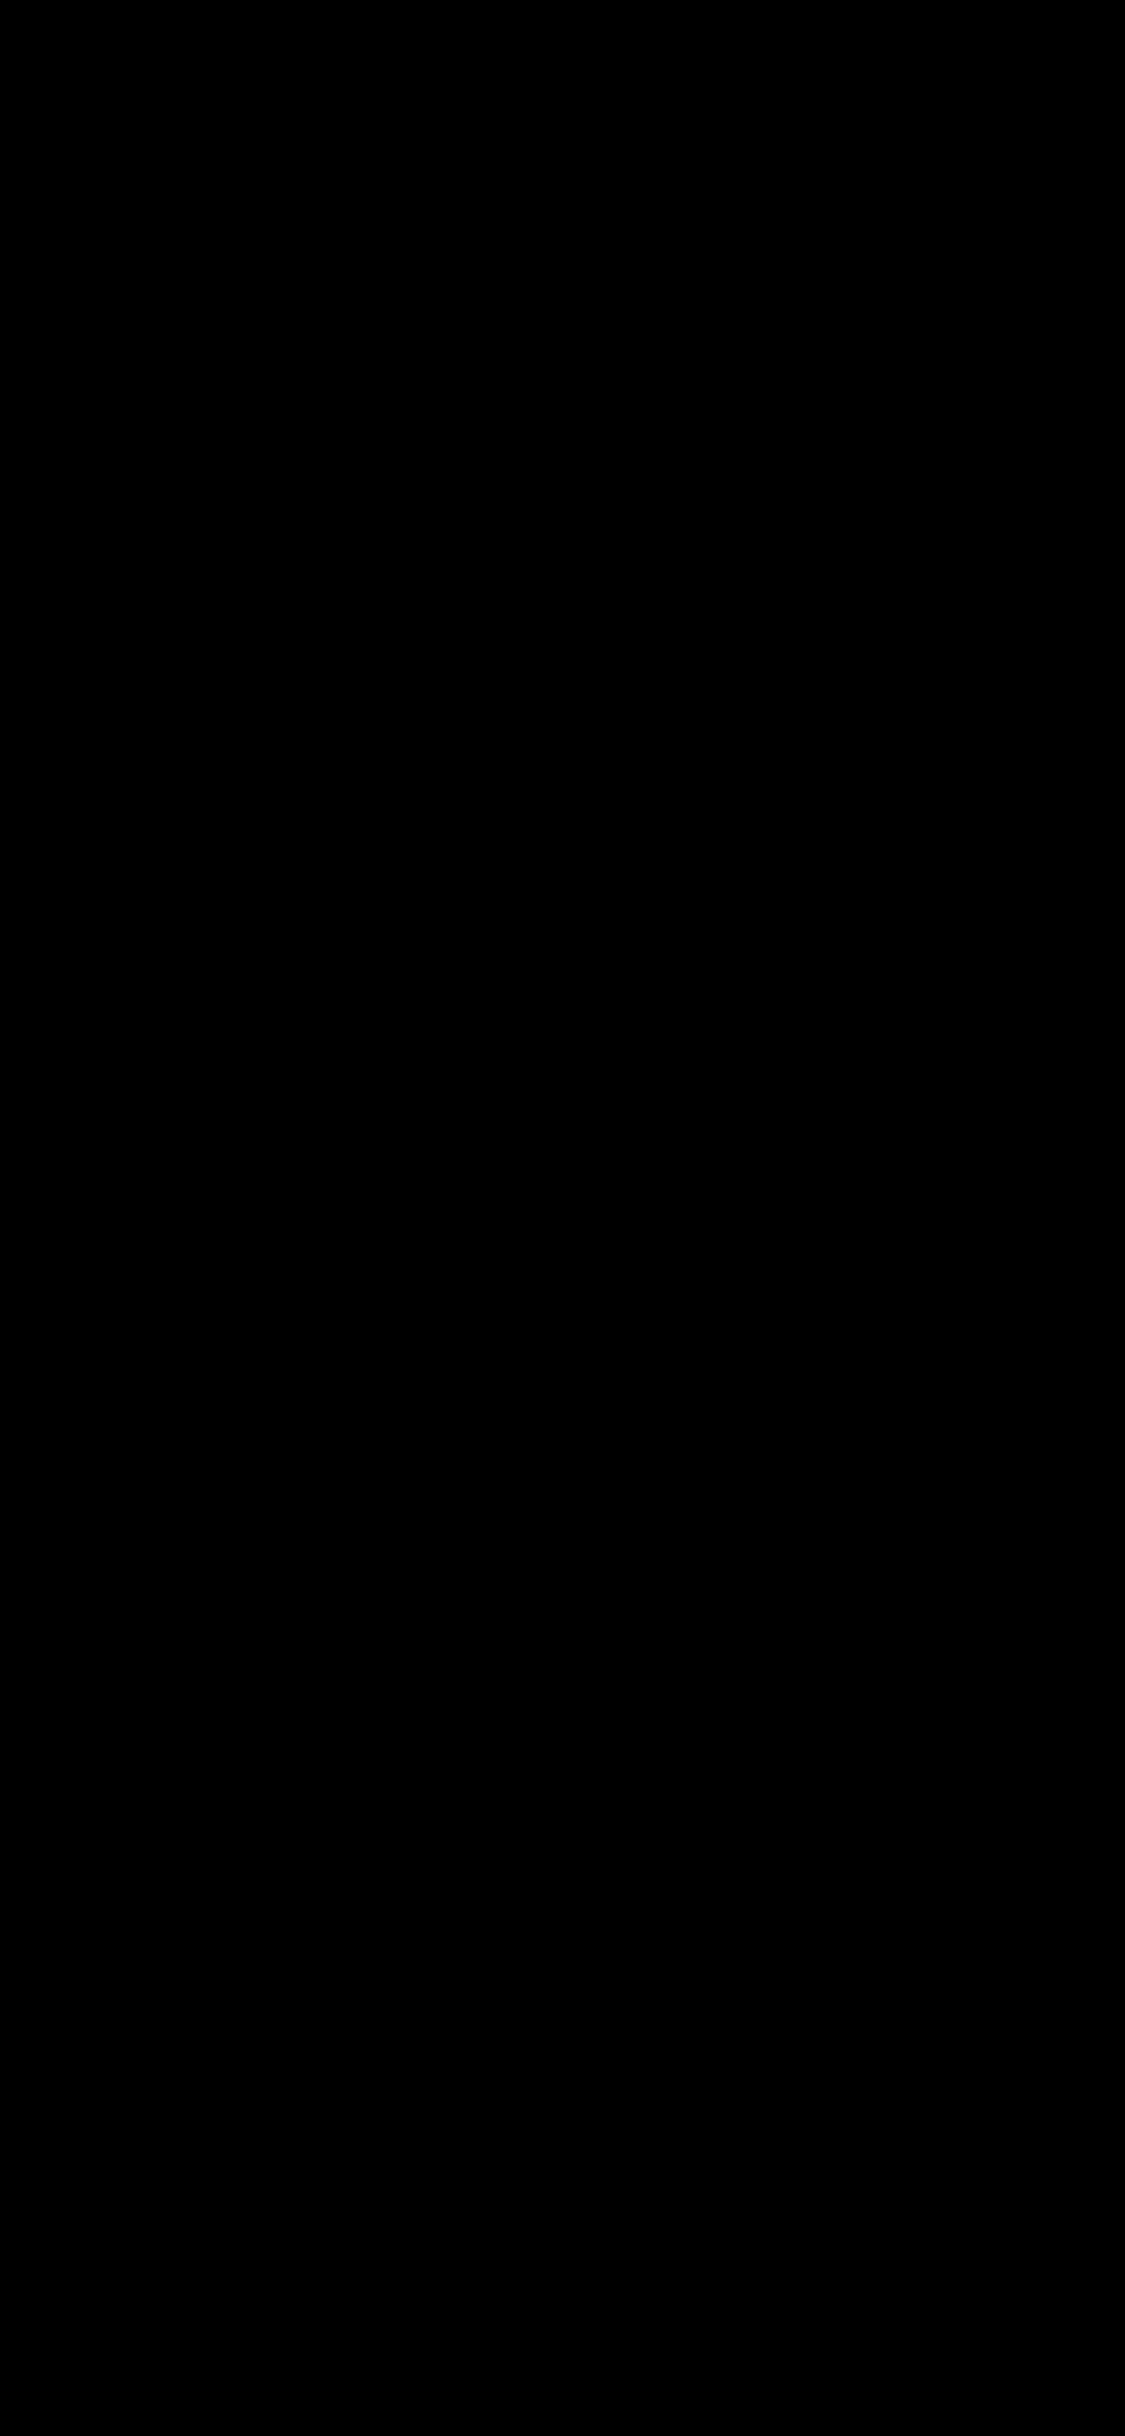 Black Wallpaper Sc Iphonexs